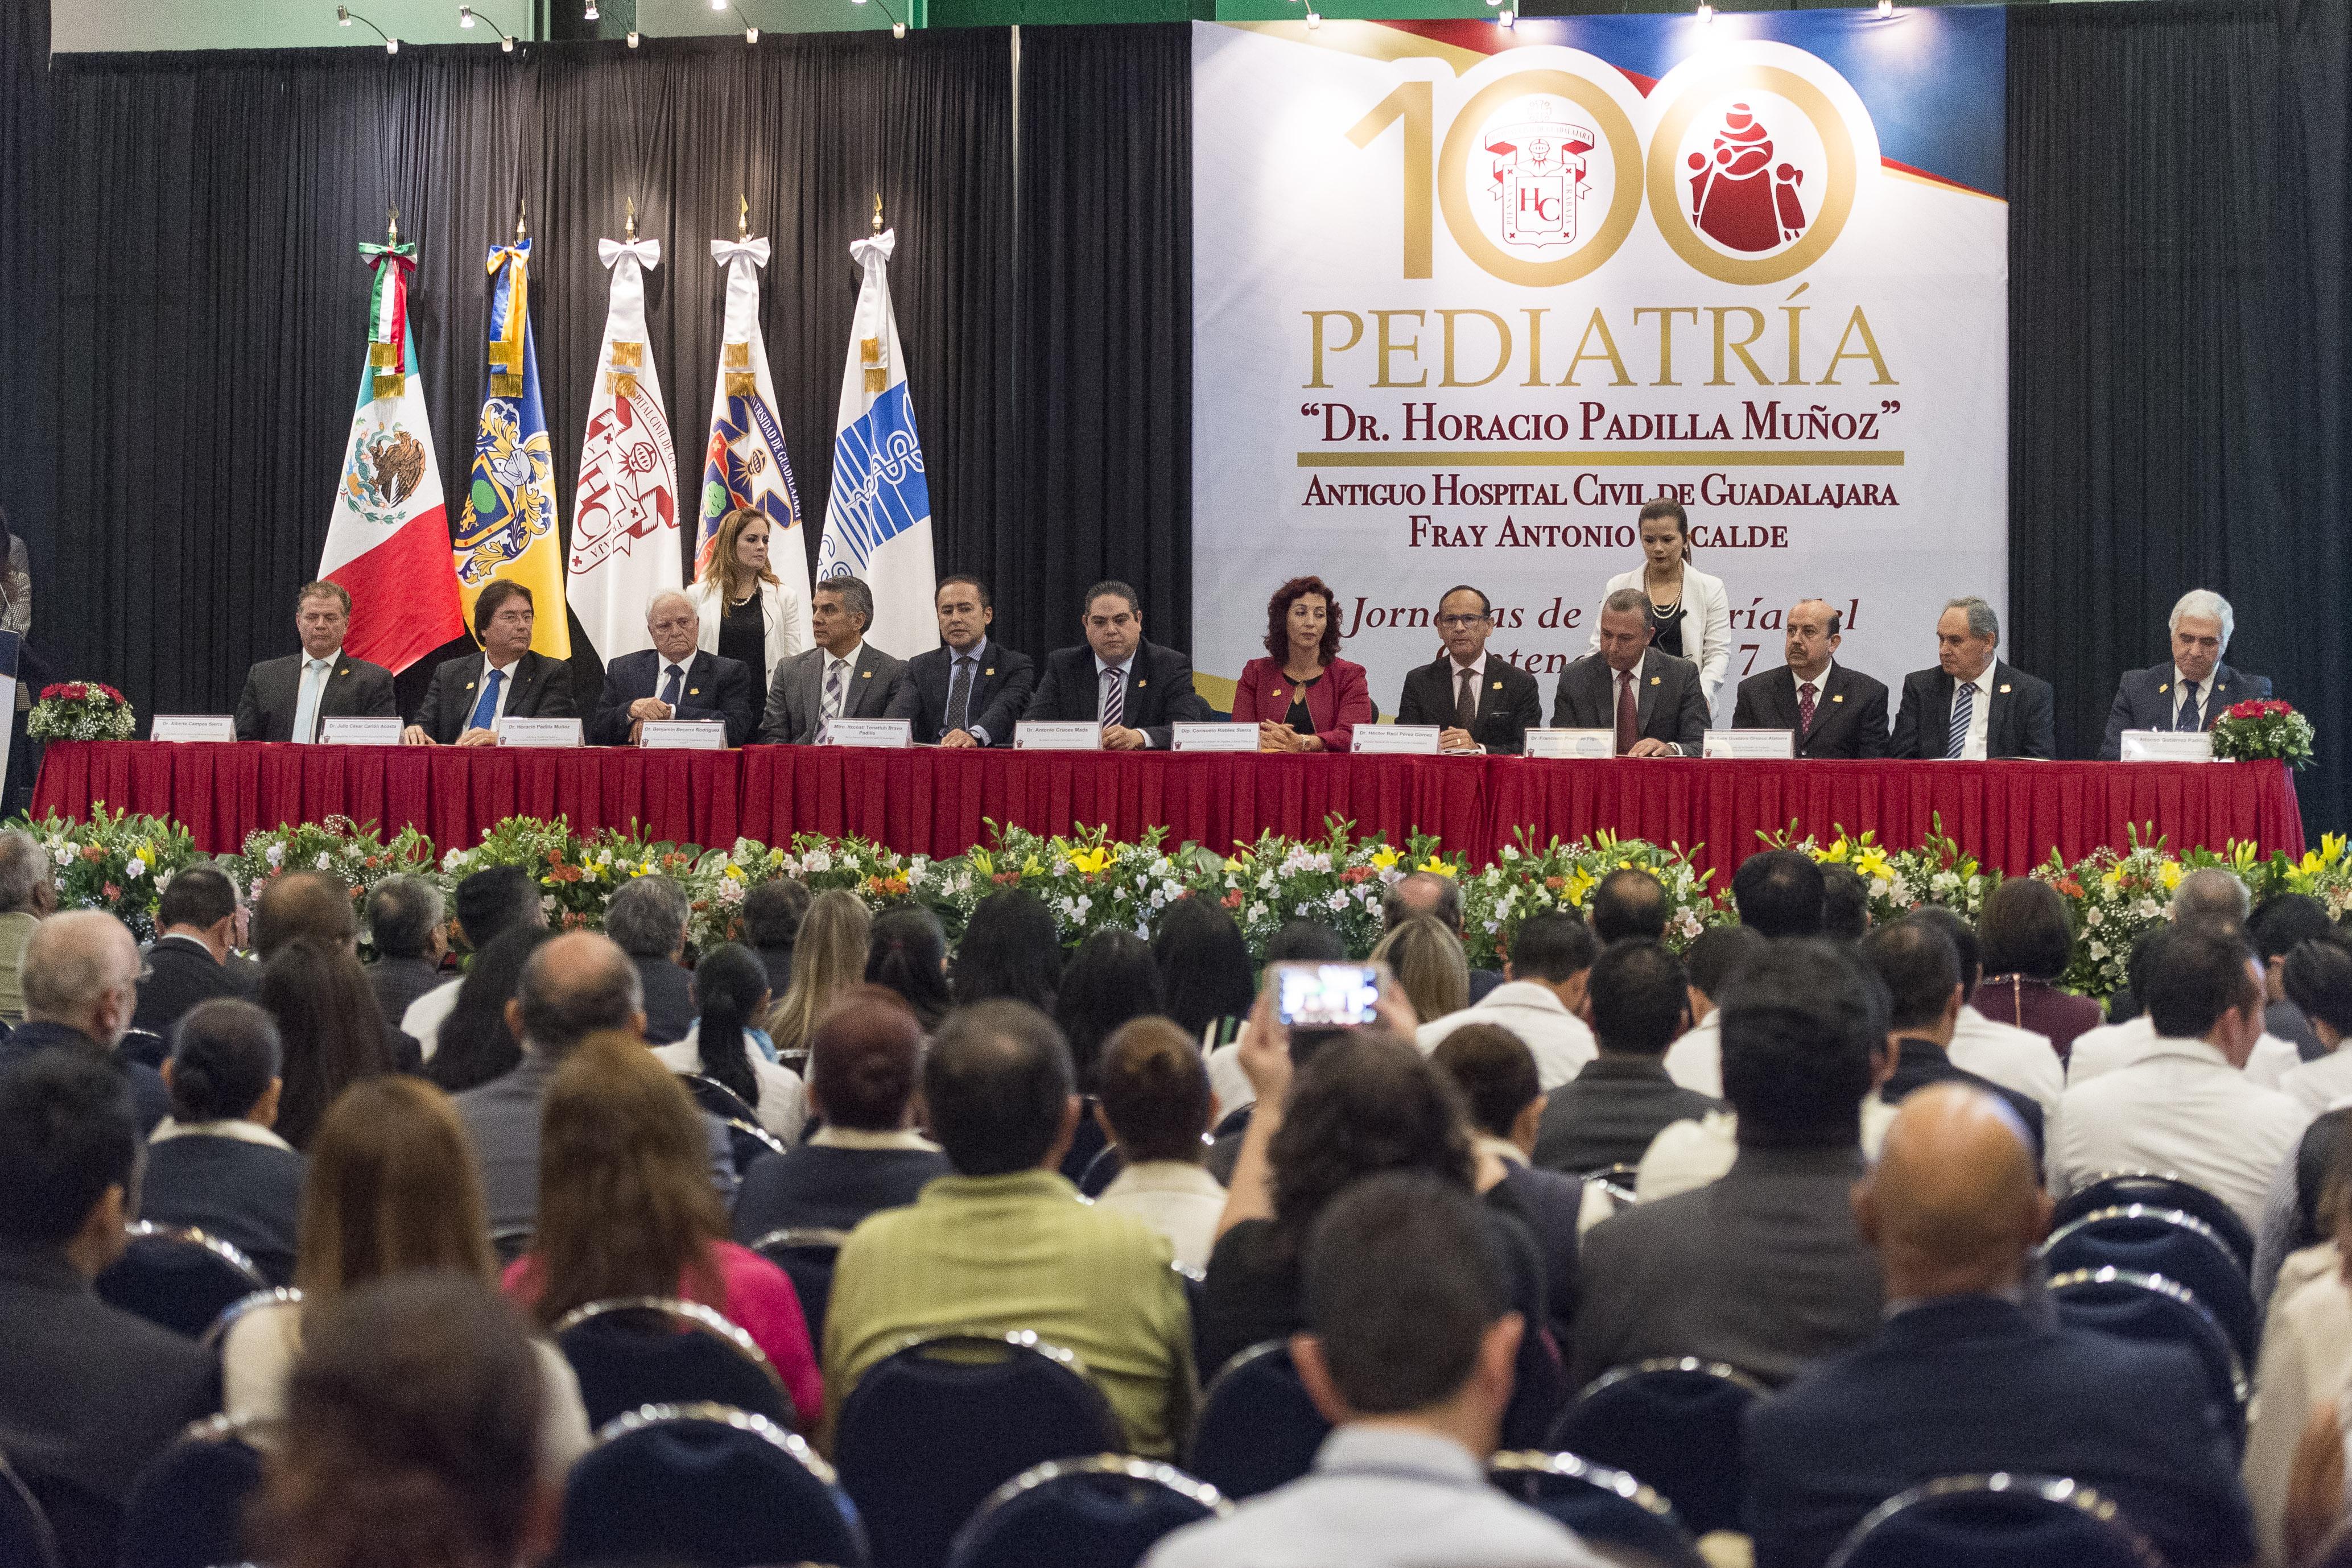 miembros de el presidium de la acreditacion internacional de especialidad en pediatria